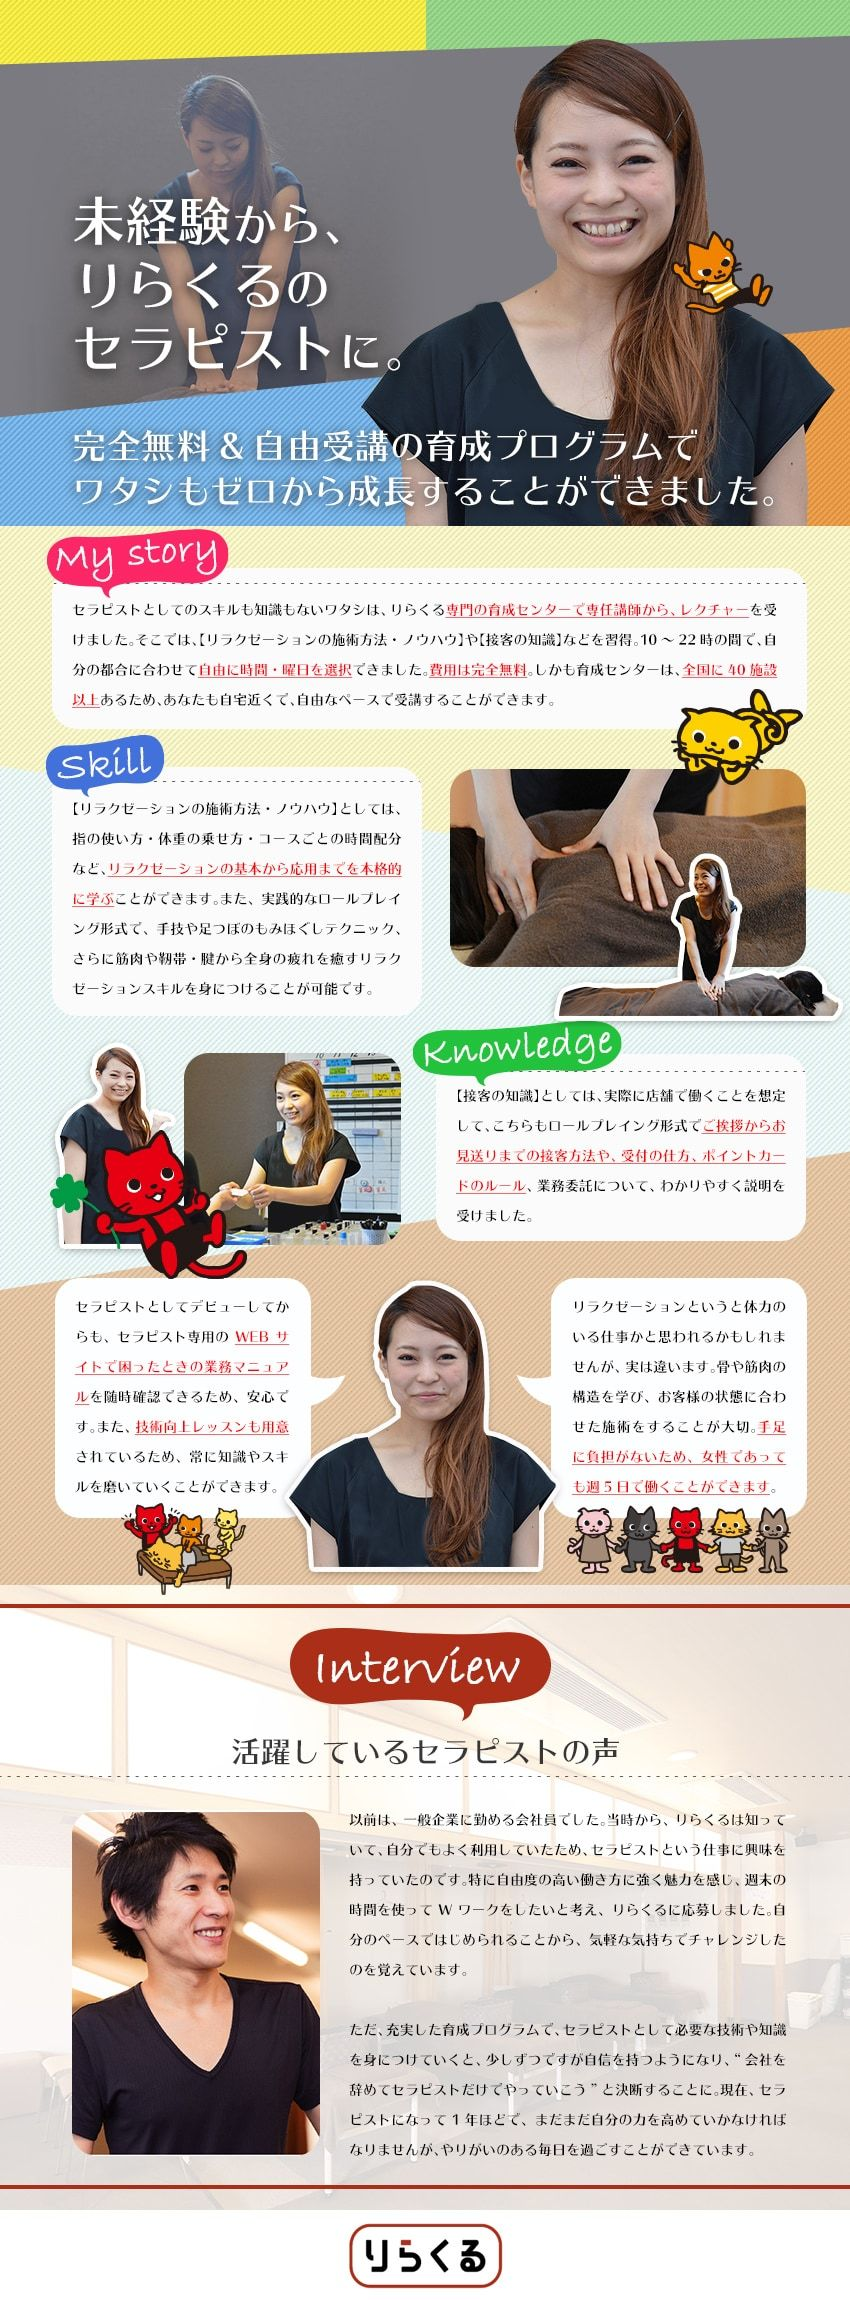 らく り 株式 会社 簡易株式交換による日本製薬株式会社の完全子会社化に関するお知らせ